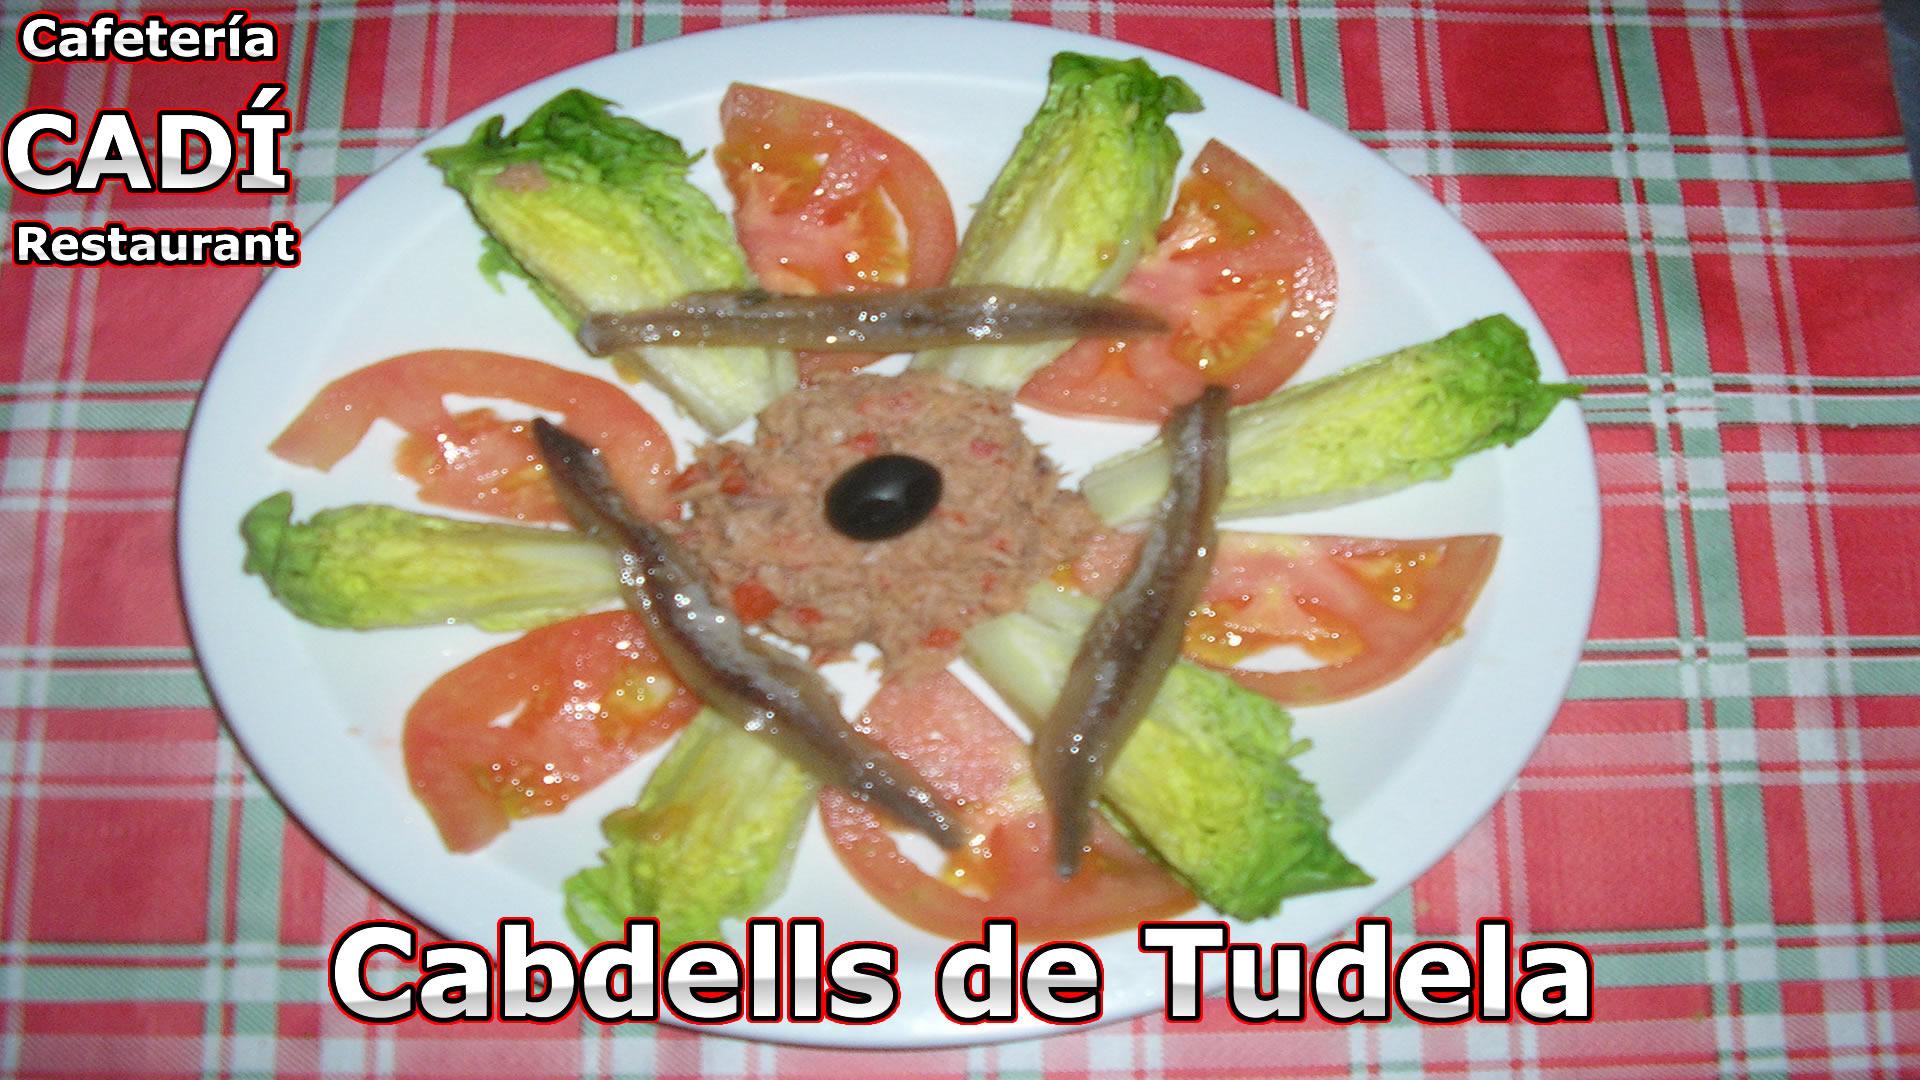 Cabdells de Tudela